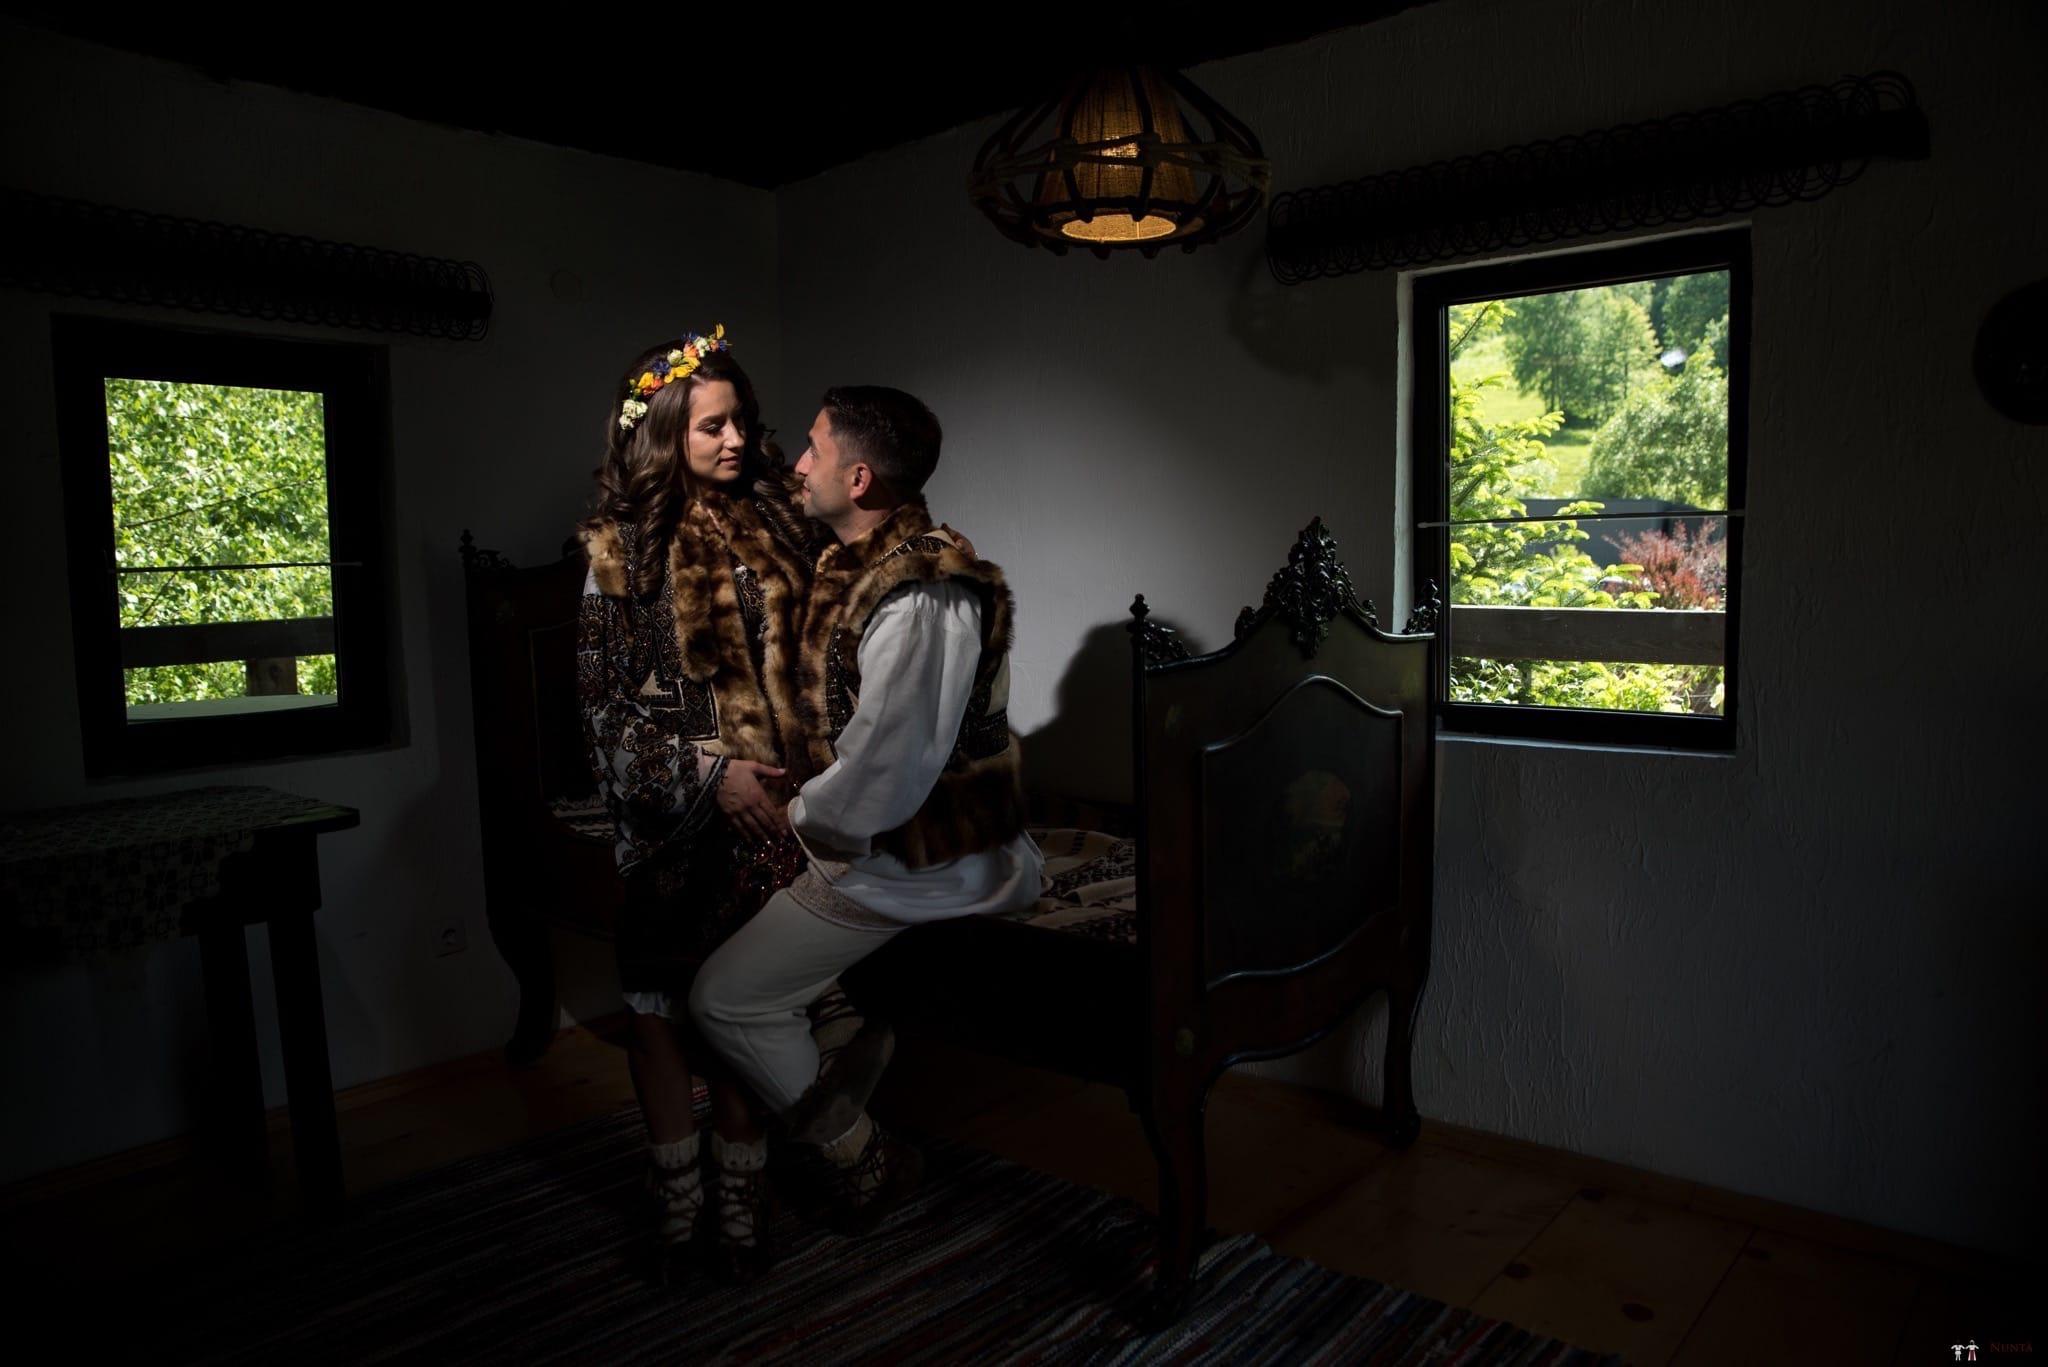 Povești Nunți Tradiționale - Irina și Alexandru, nuntă în Câmpulung Moldovenesc, Suceava 47